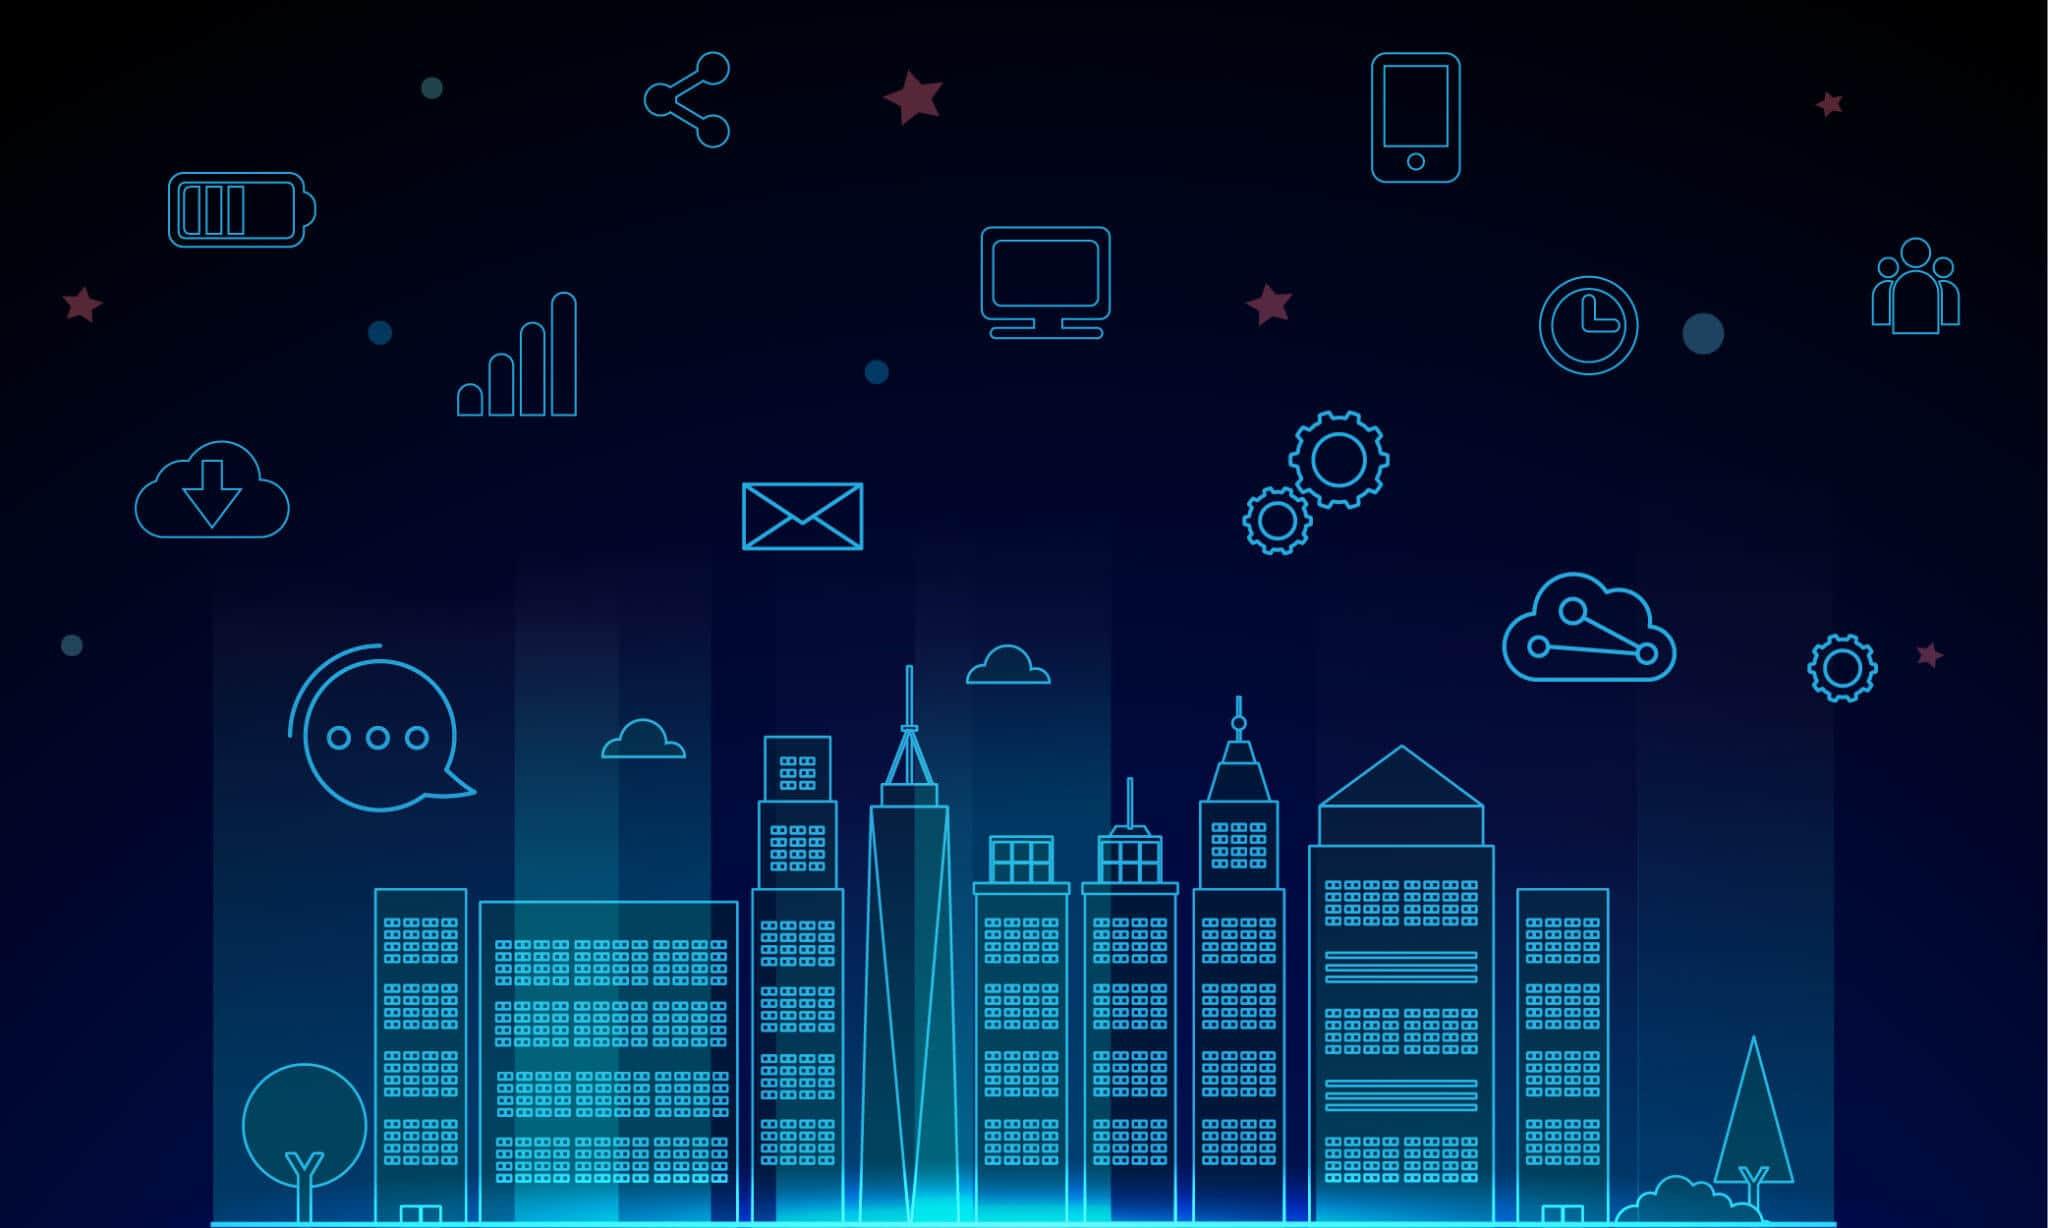 Transformação digital: a manufatura 4.0 e a nova busca por oportunidades de trabalho